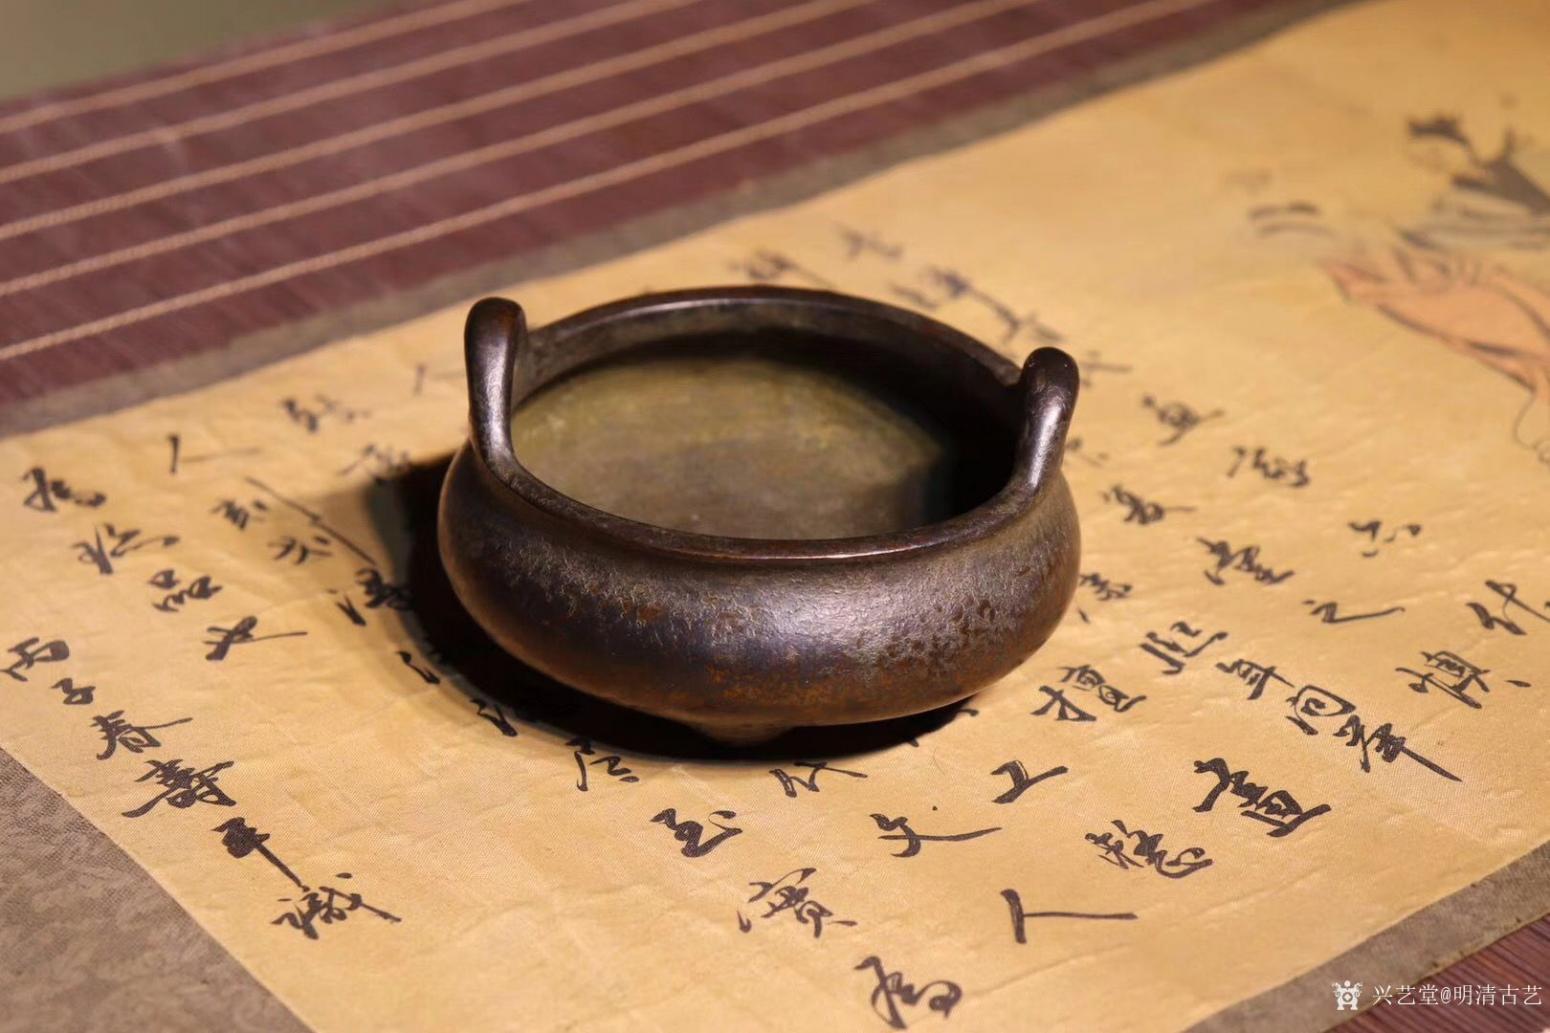 明清古艺文玩杂项作品《崇祯香炉》【图2】